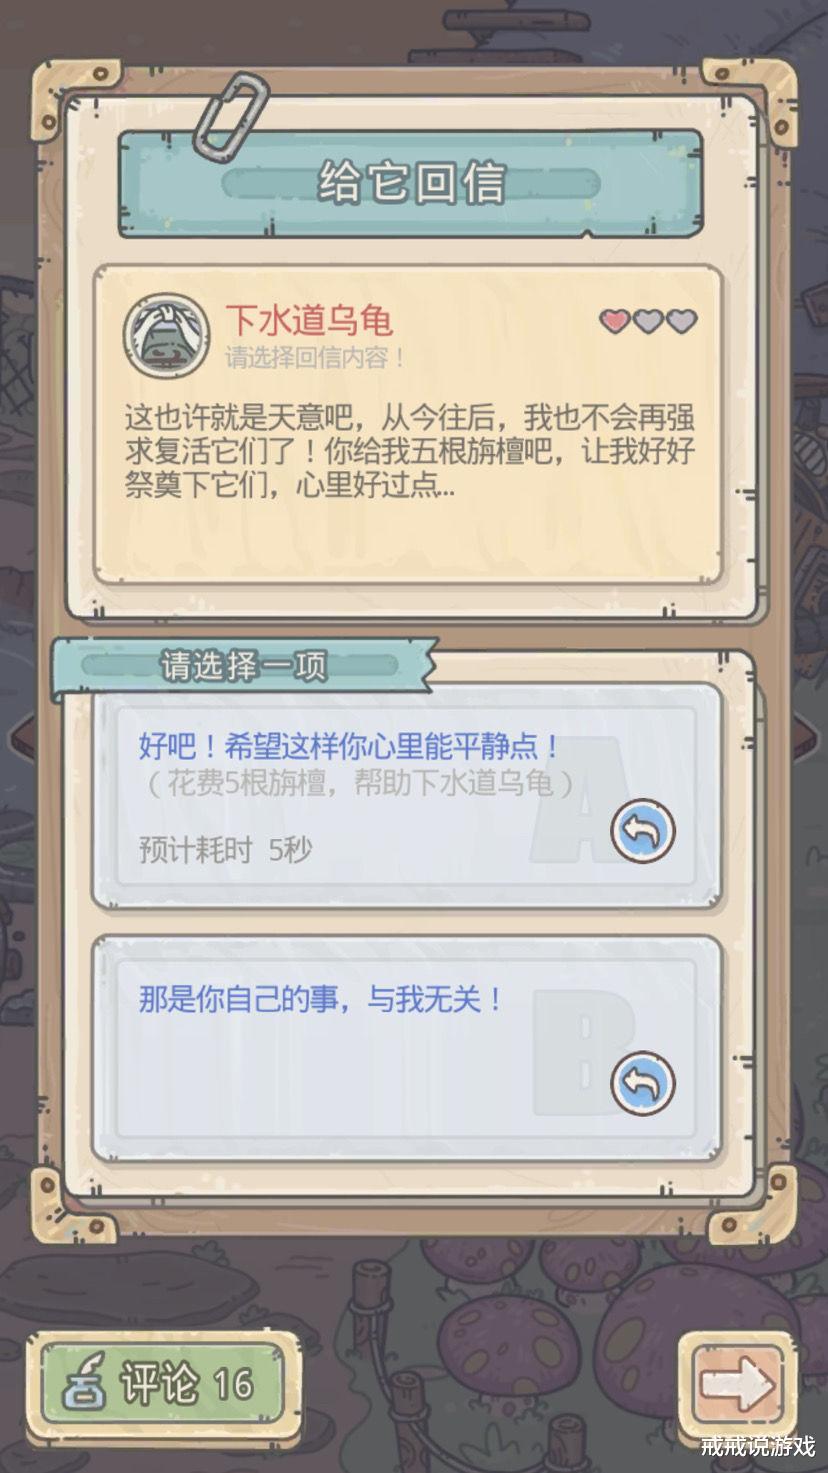 《【煜星登陆注册】最强蜗牛 下水道乌龟即将入住伙伴房间,玩家:稍微有点膈应人!》